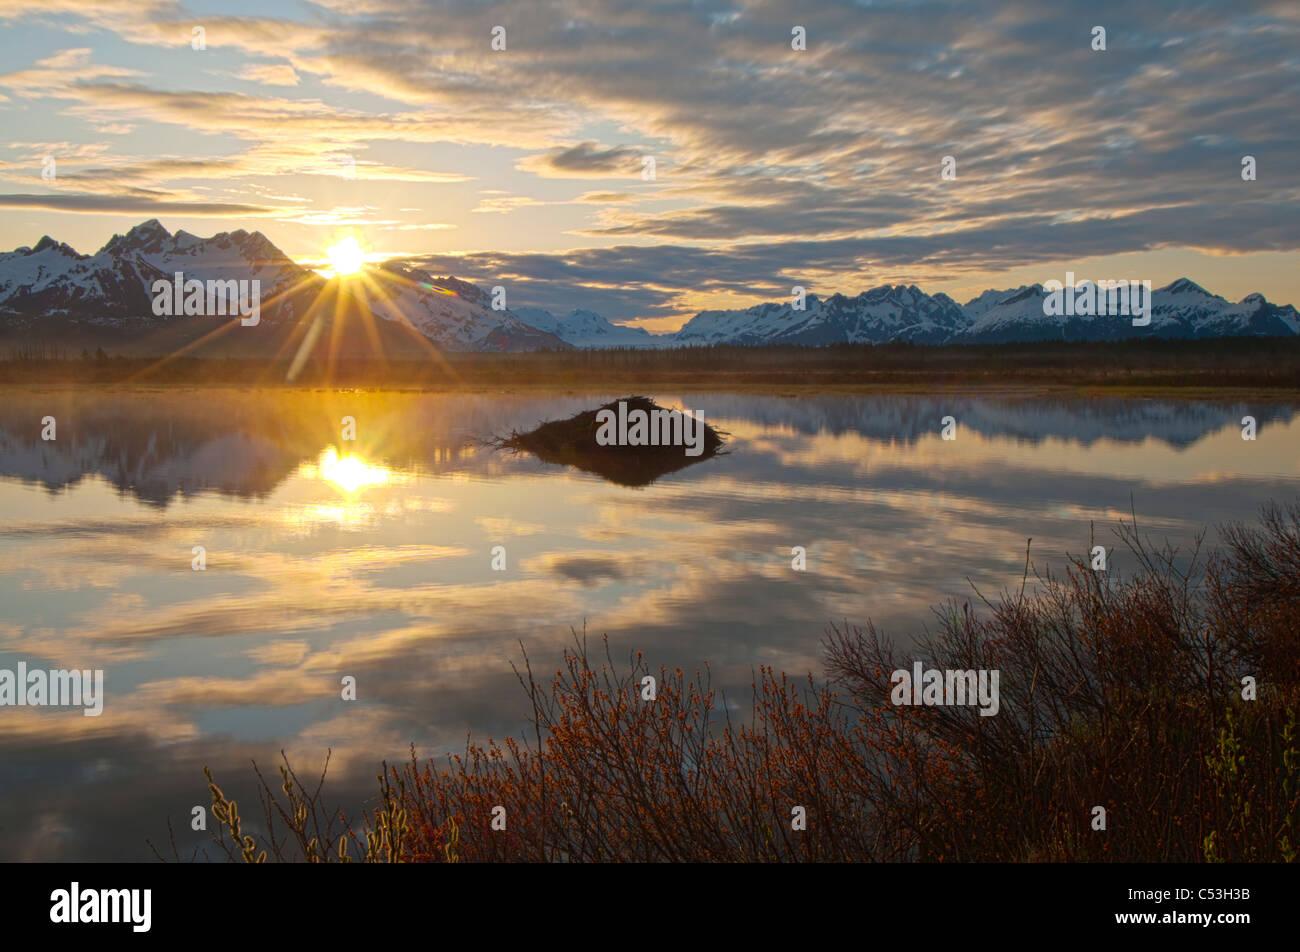 Soleil se lève sur les montagnes Chugach, avec un étang et Beaver Lodge au premier plan, l'Alaska, la Forêt Nationale de Chugach Banque D'Images